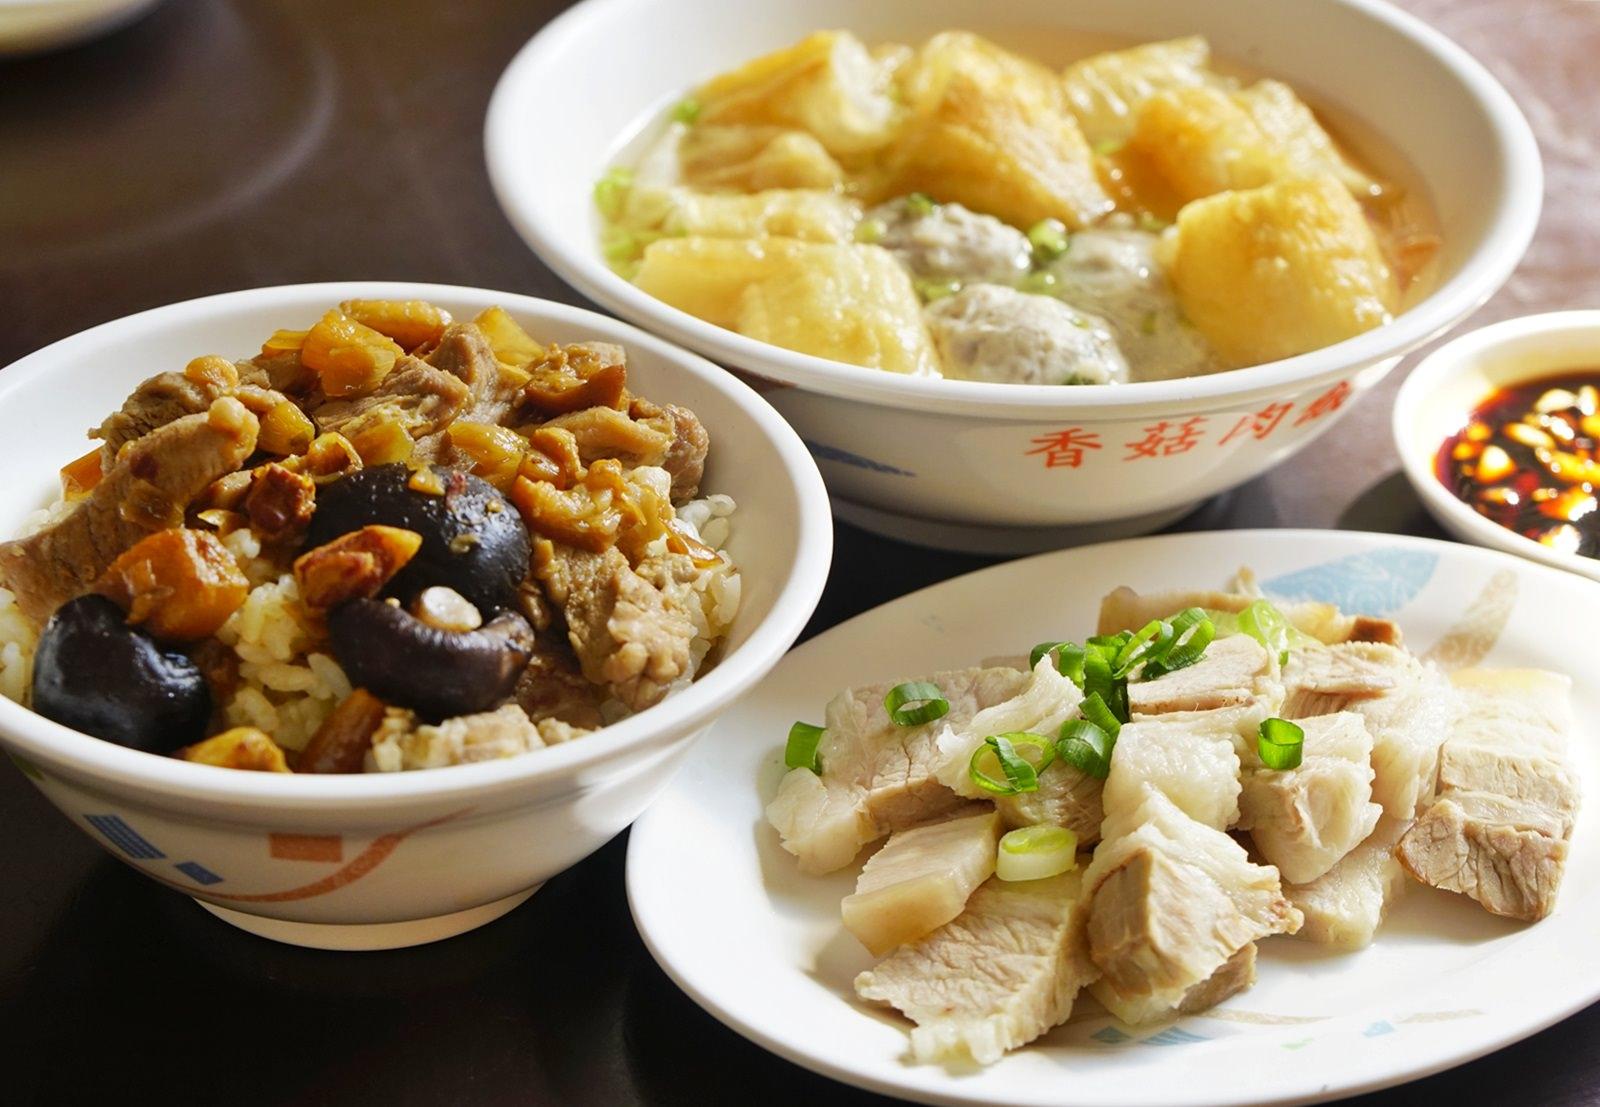 [高雄]和平香菇肉飯-油條魚丸湯x美味香菇肉飯 遊子想念的古早味 高雄小吃推薦